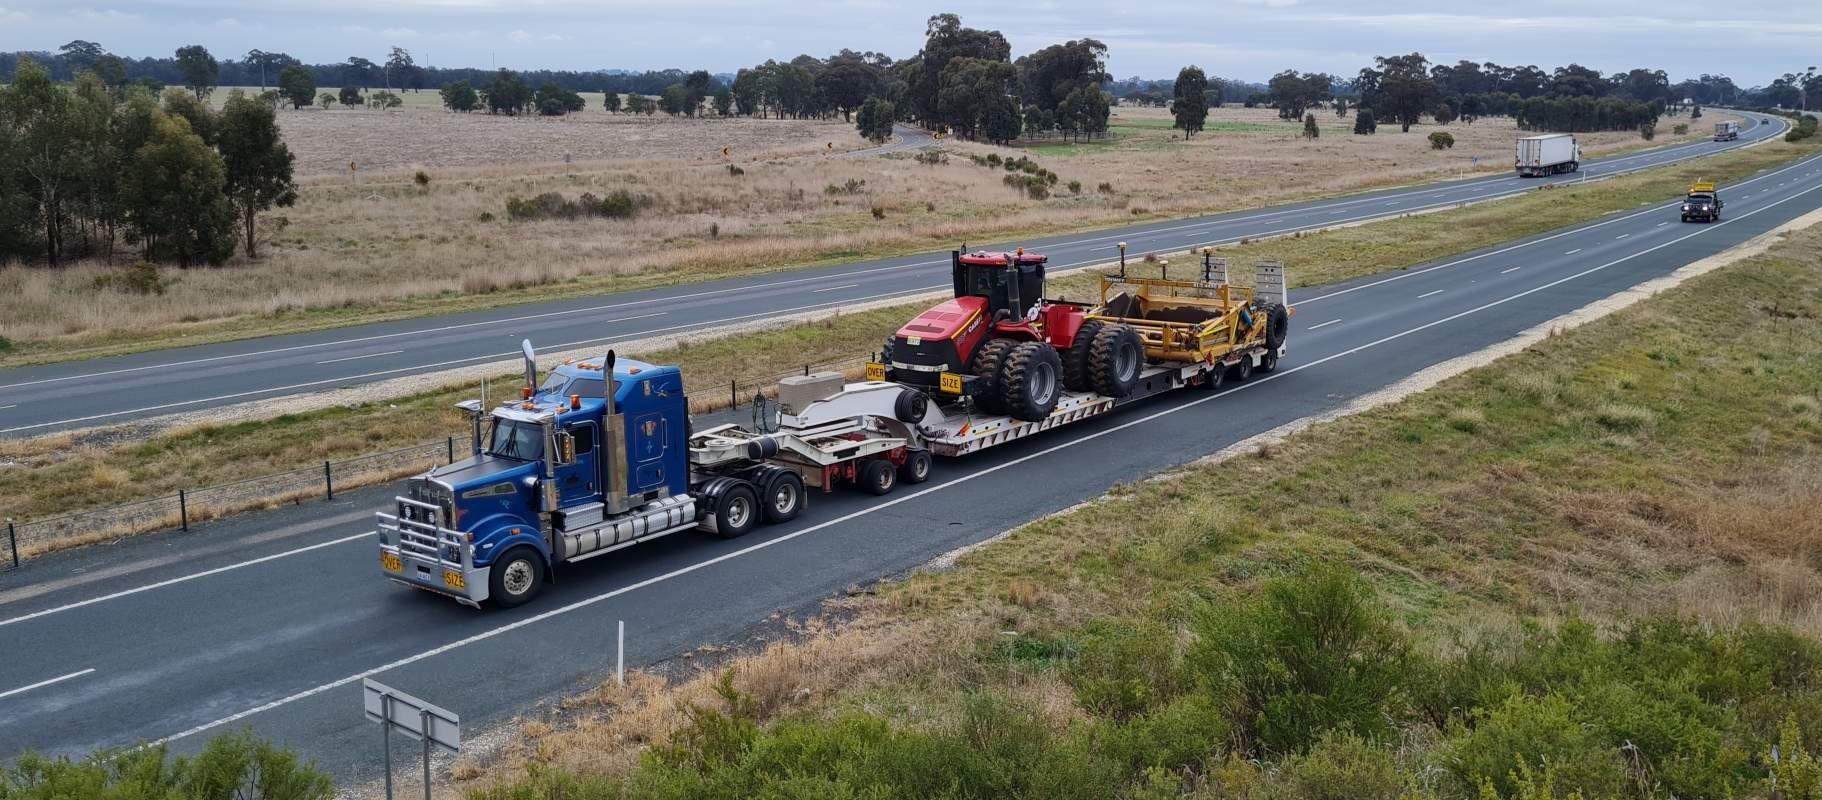 Radeski-Earthmoving-truck-float-grader-Hay